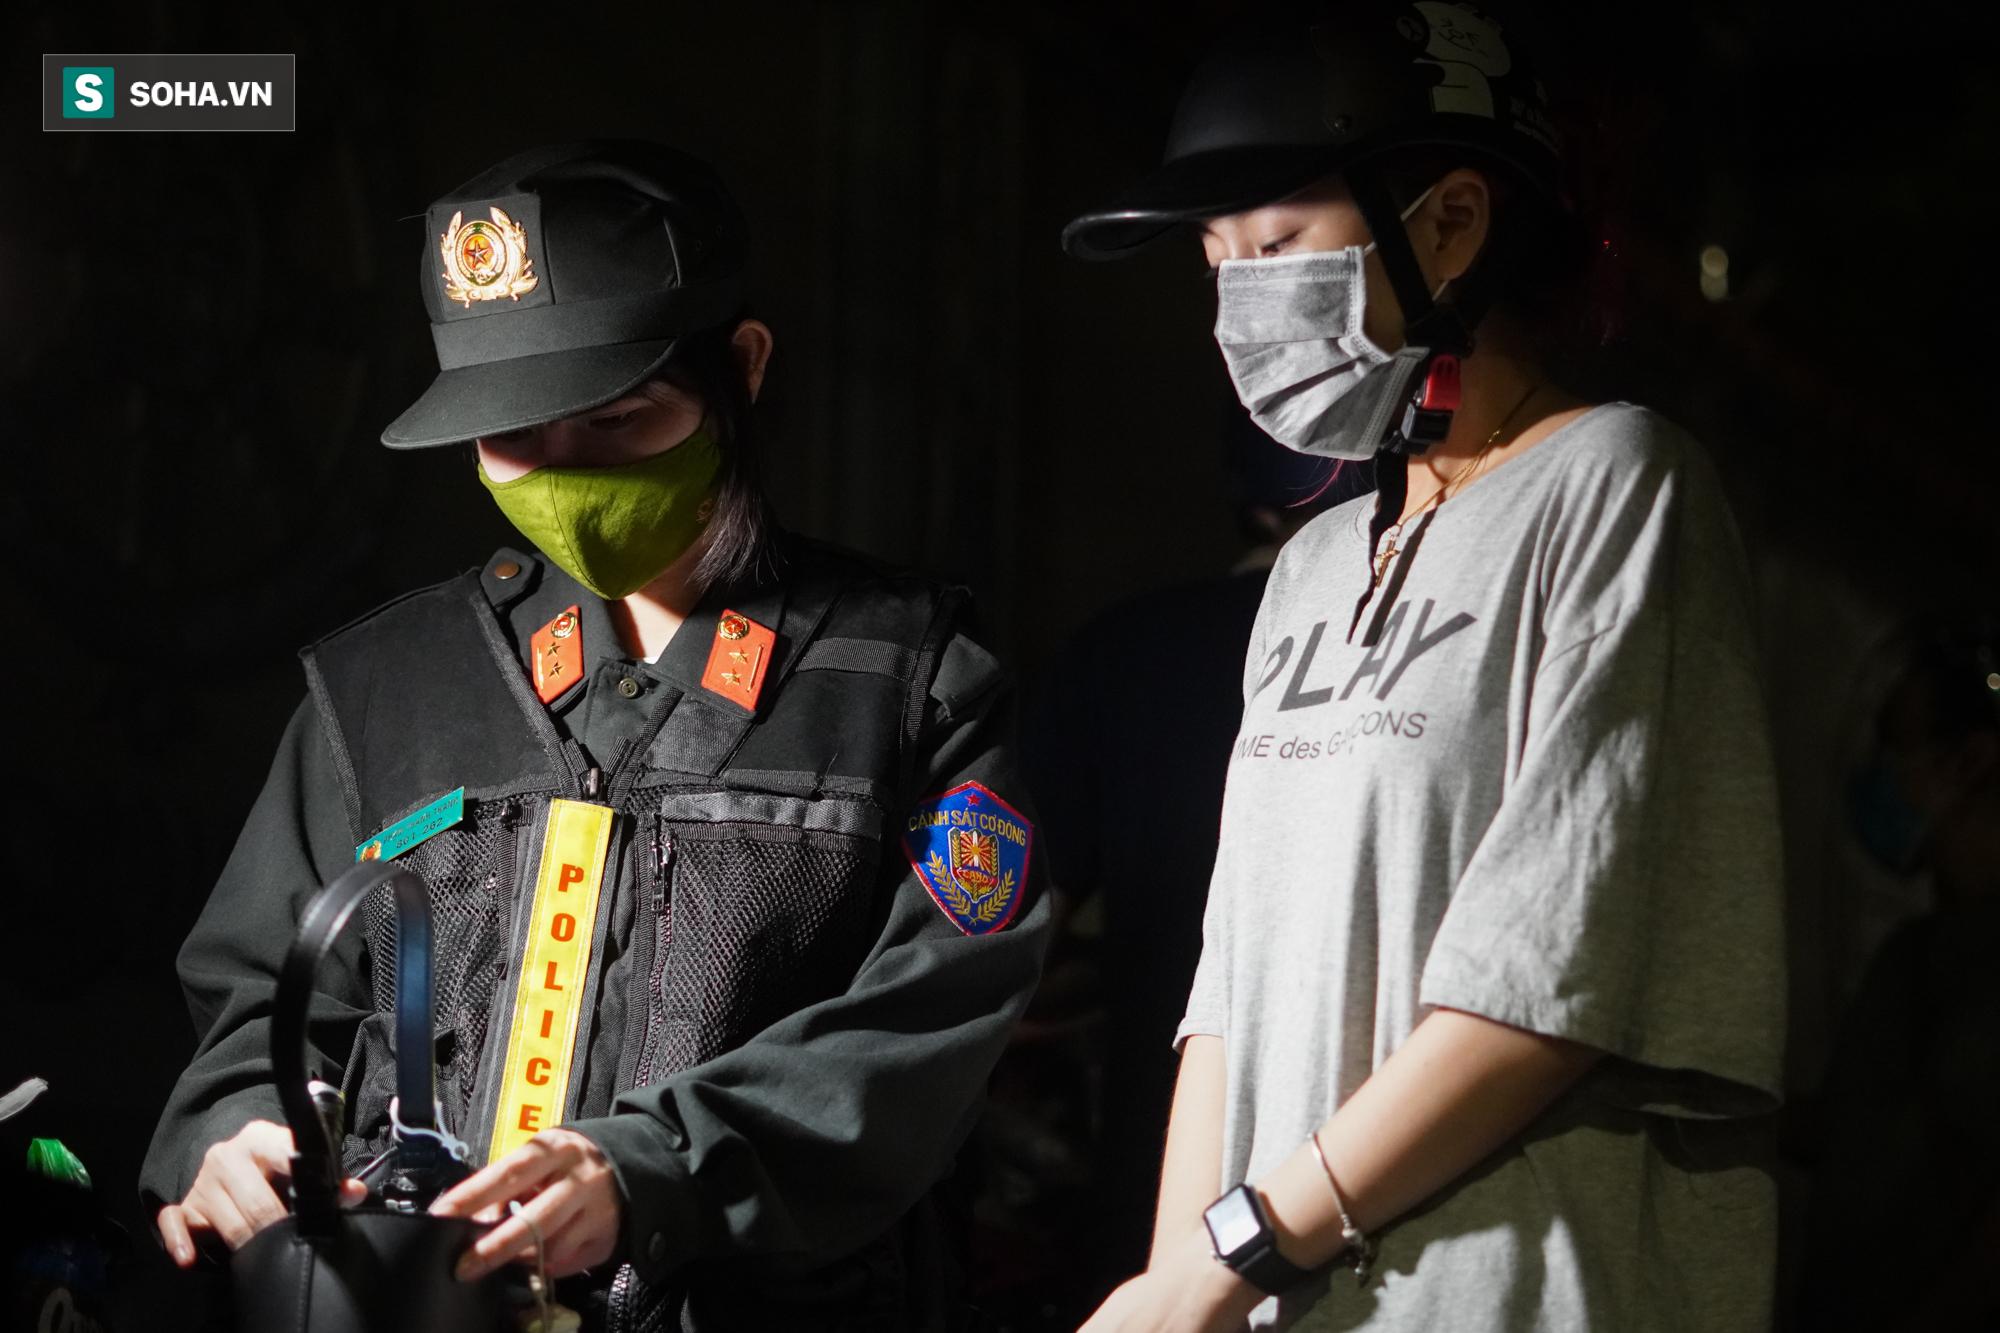 Nữ cảnh sát đặc nhiệm đầu tiên của tổ 141: Quen với những đêm trắng vì sự bình yên của người dân - Ảnh 7.